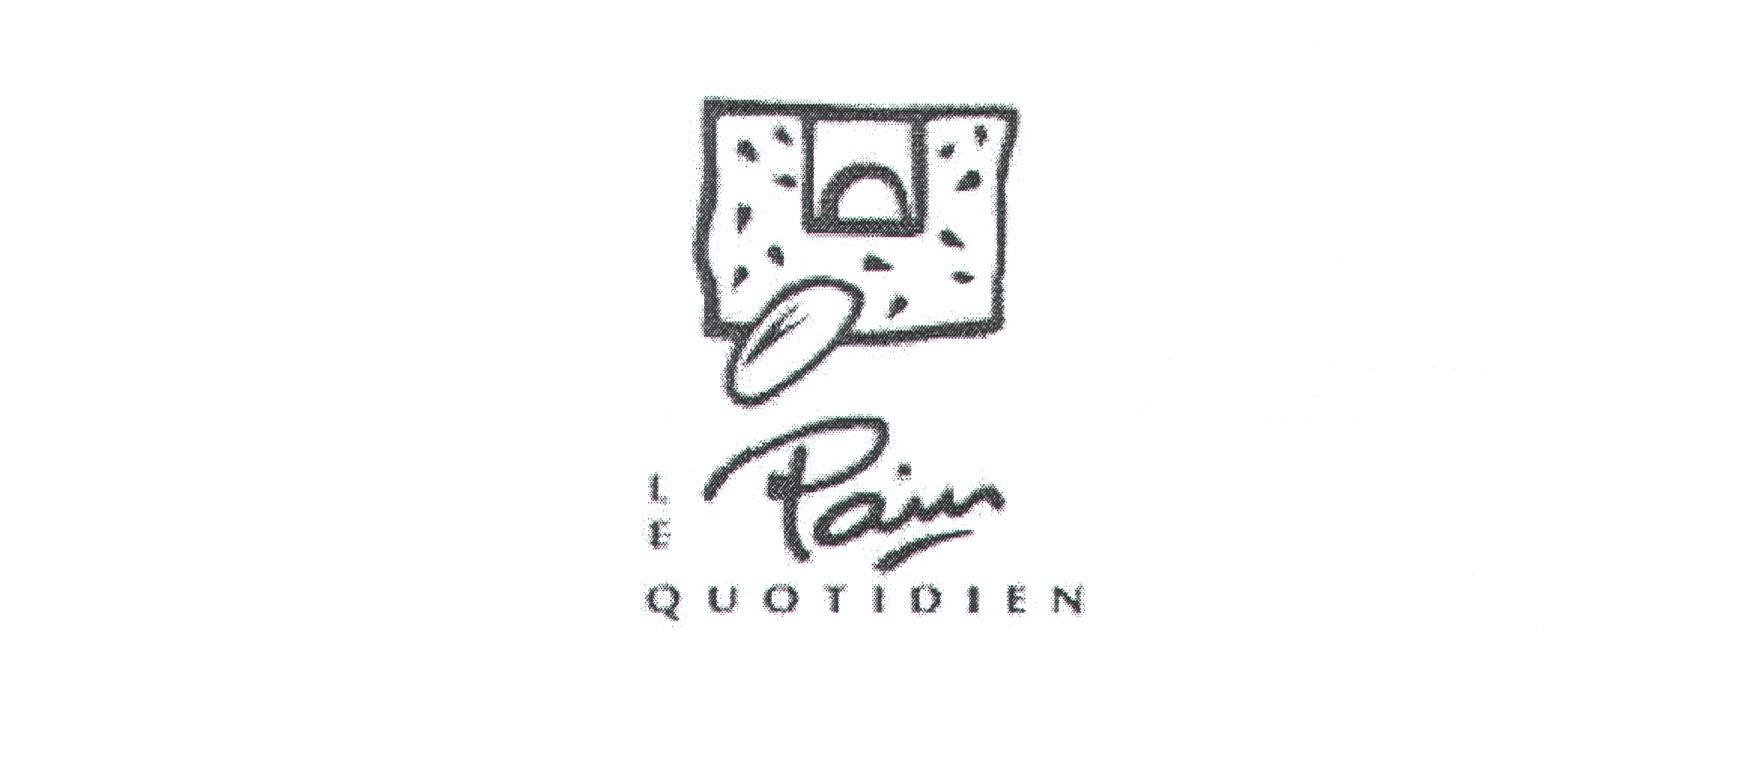 Le pain quotidien Logos.